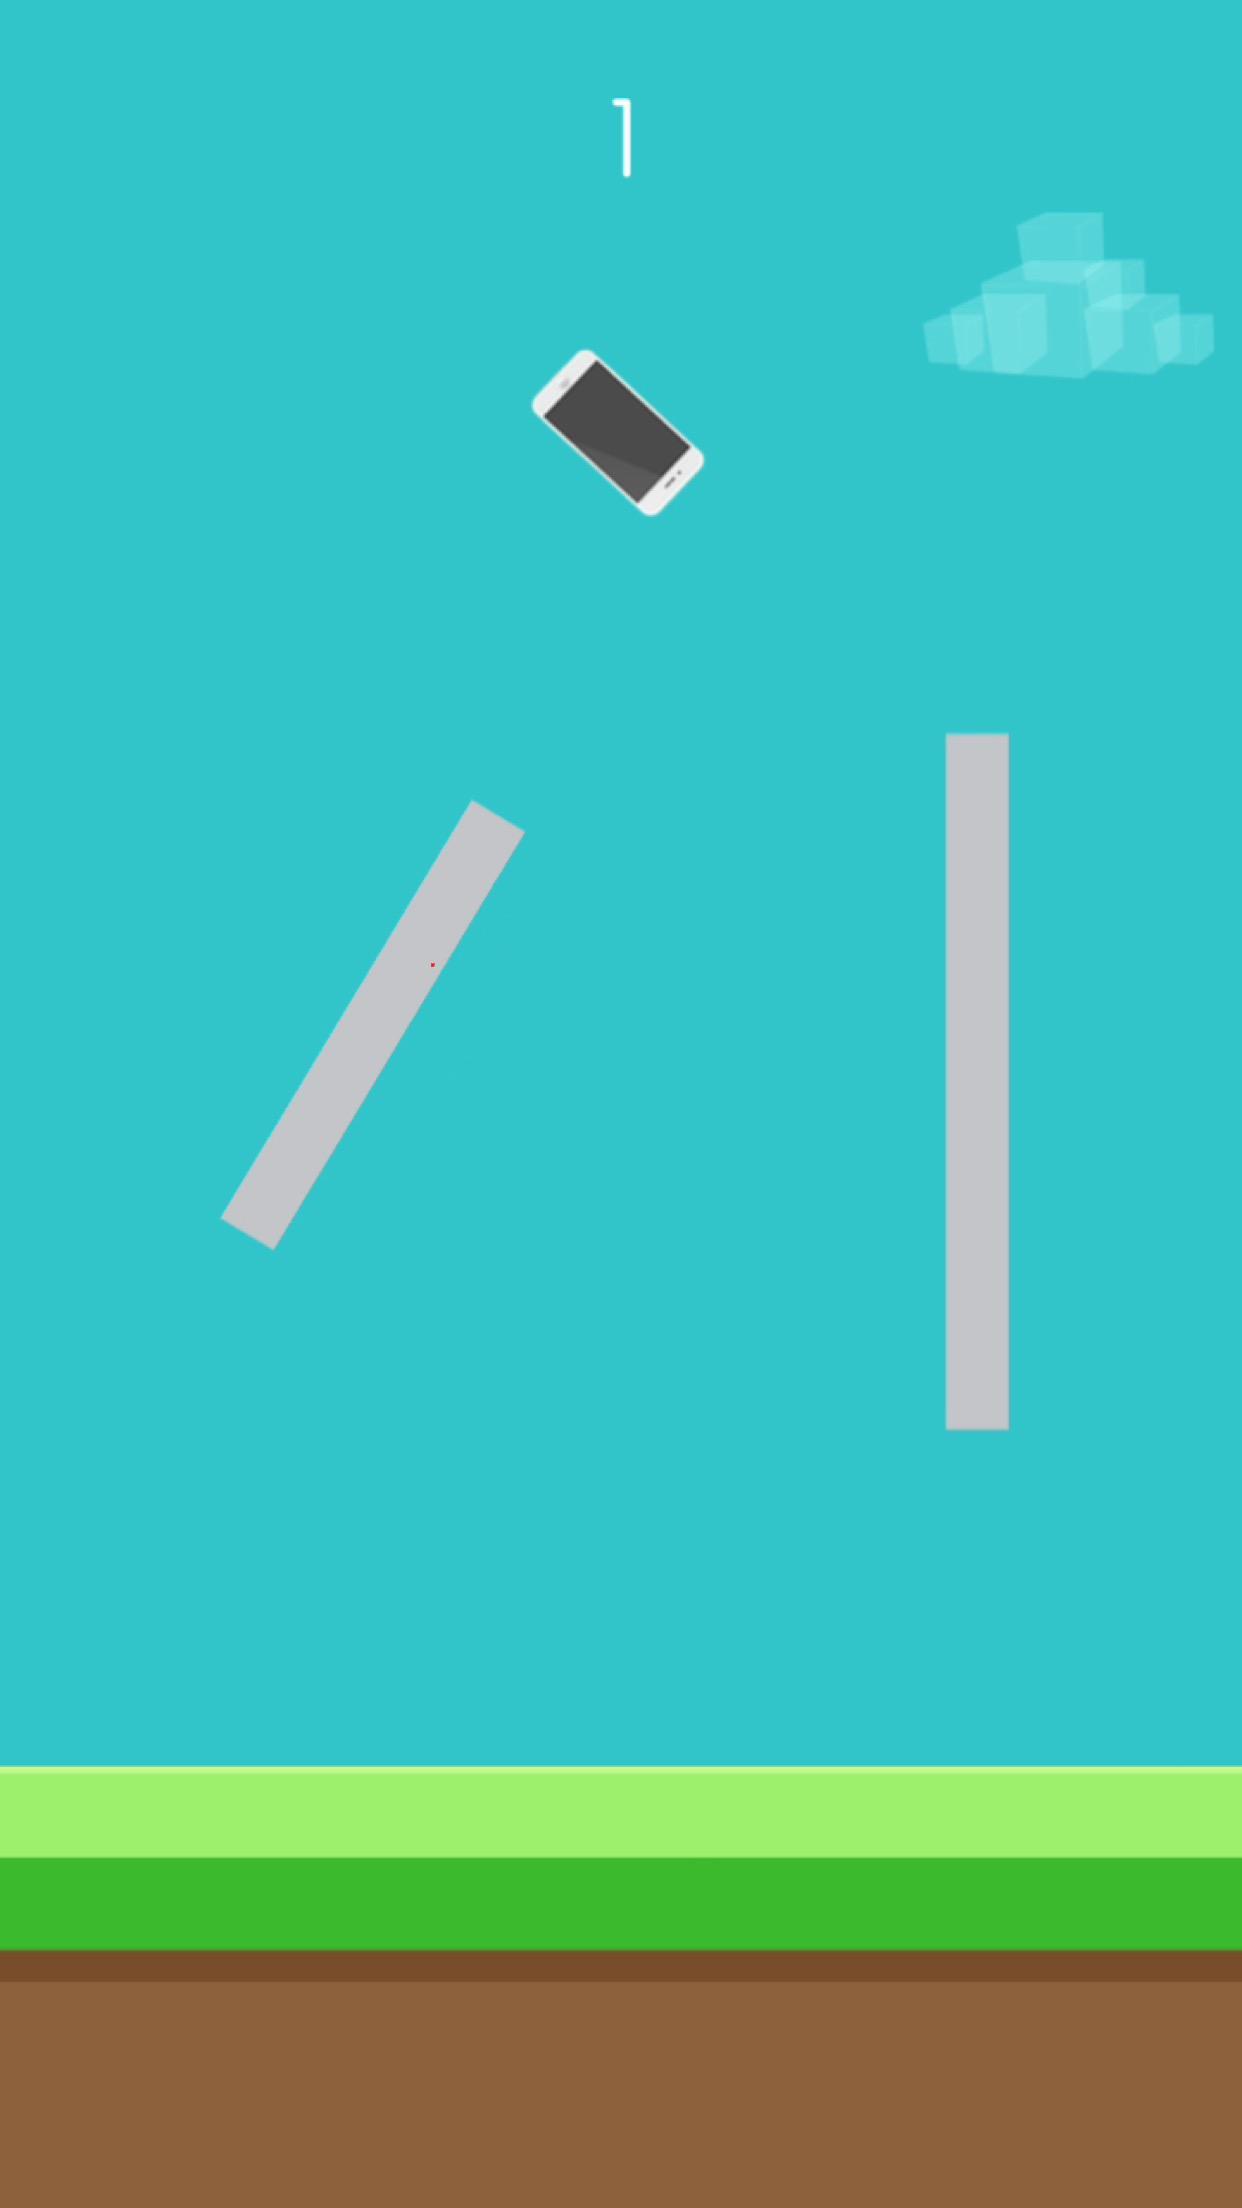 Smartphone Flip Challenge 1